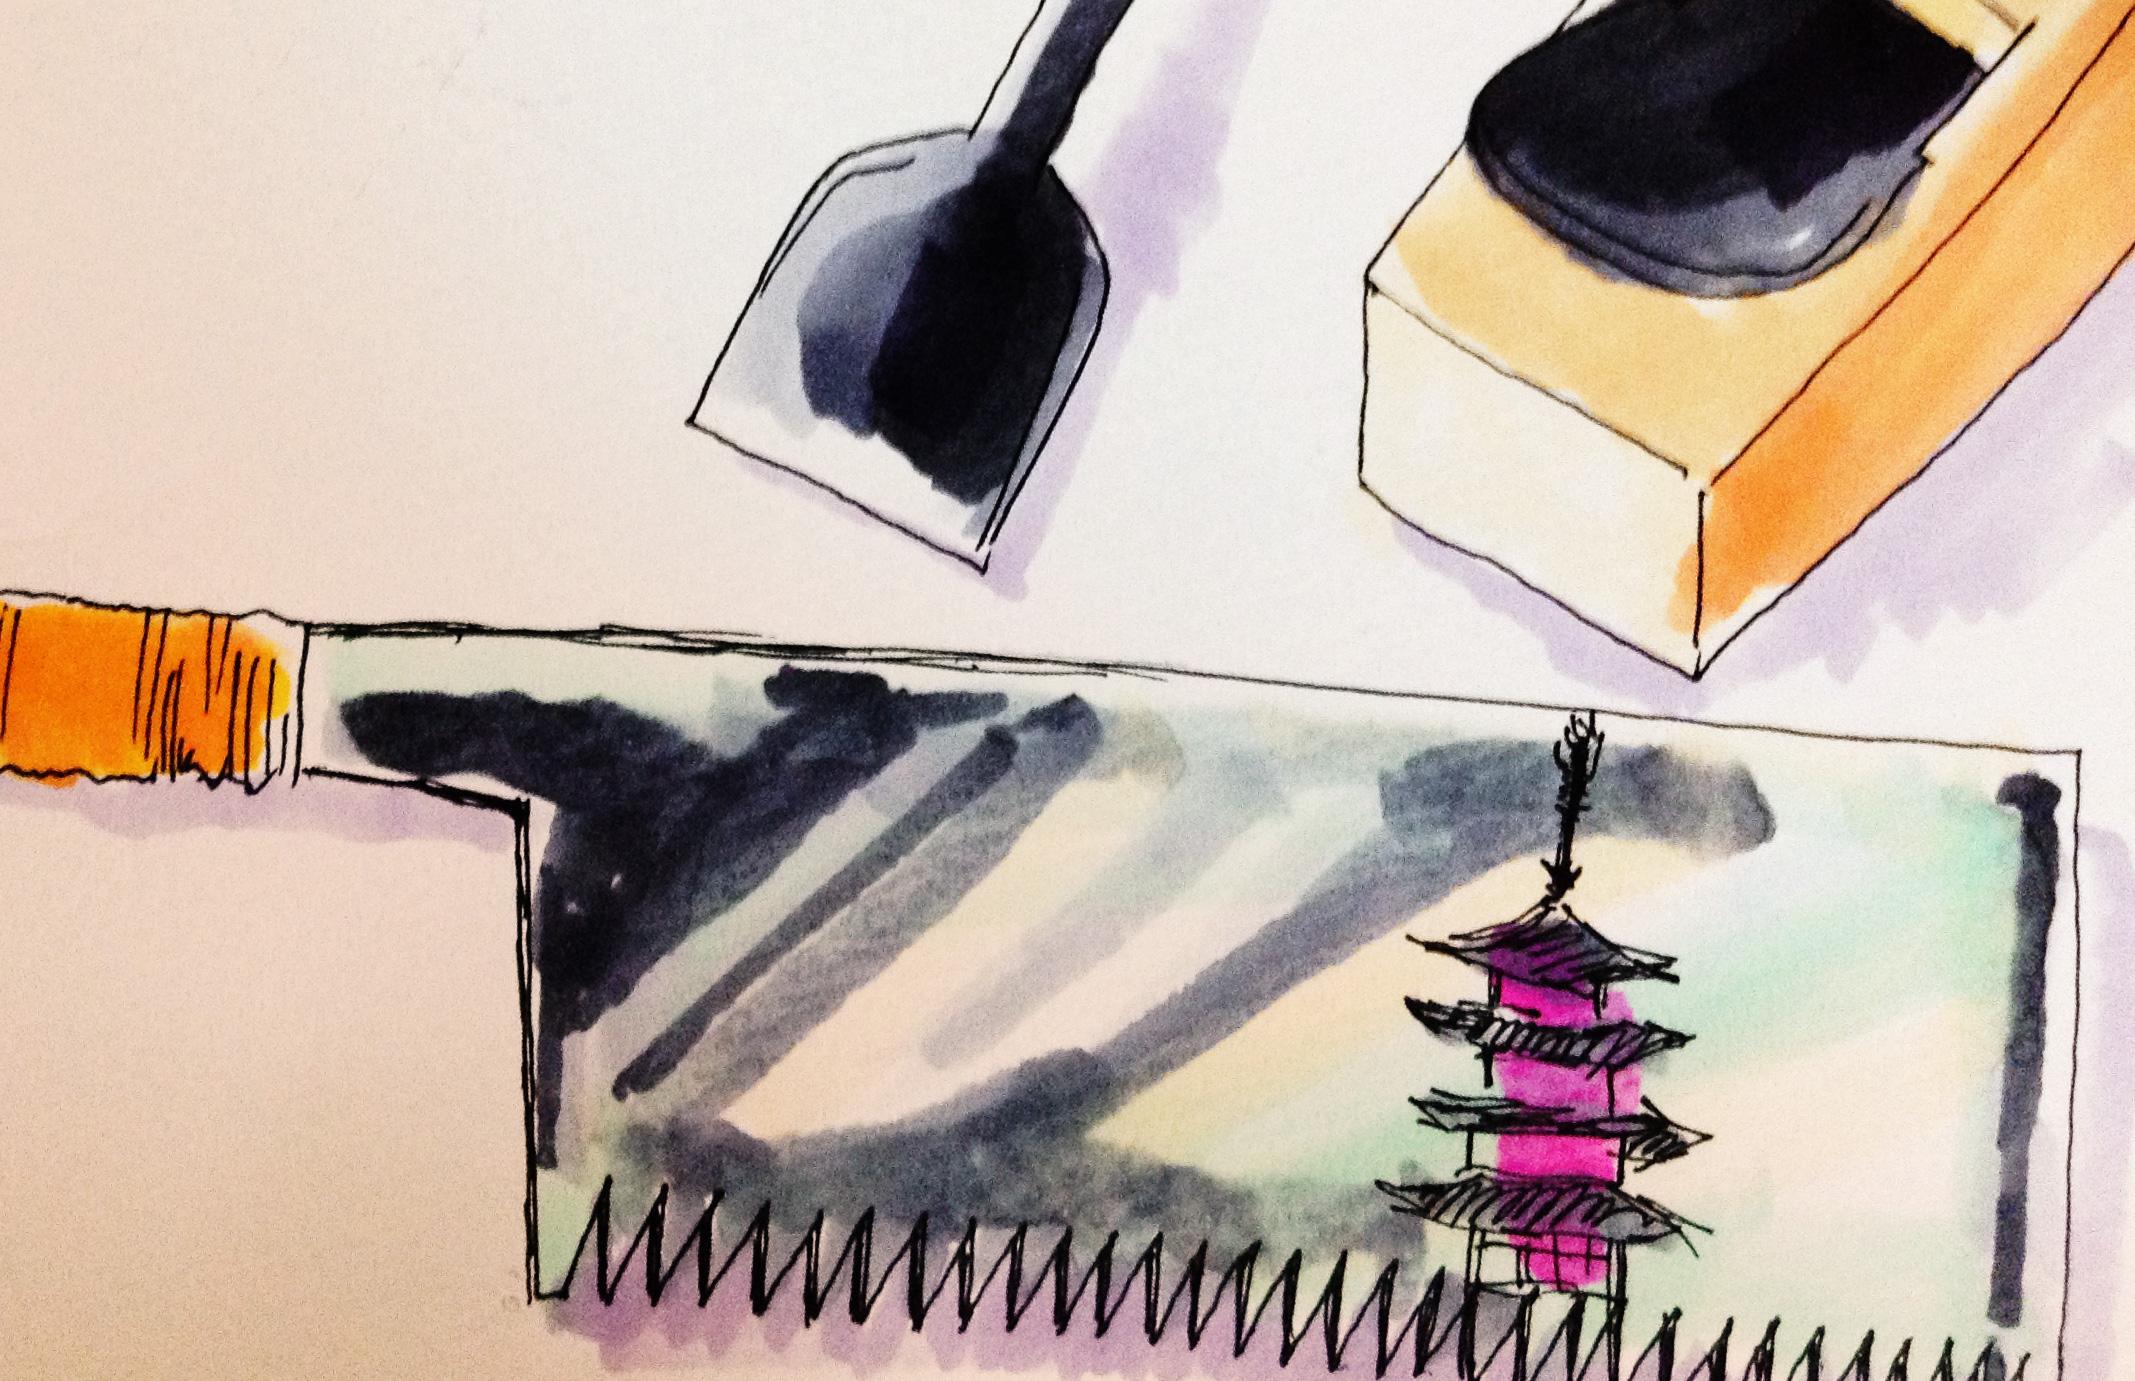 鉋、鋸、ノミをコピックで描いたイラスト